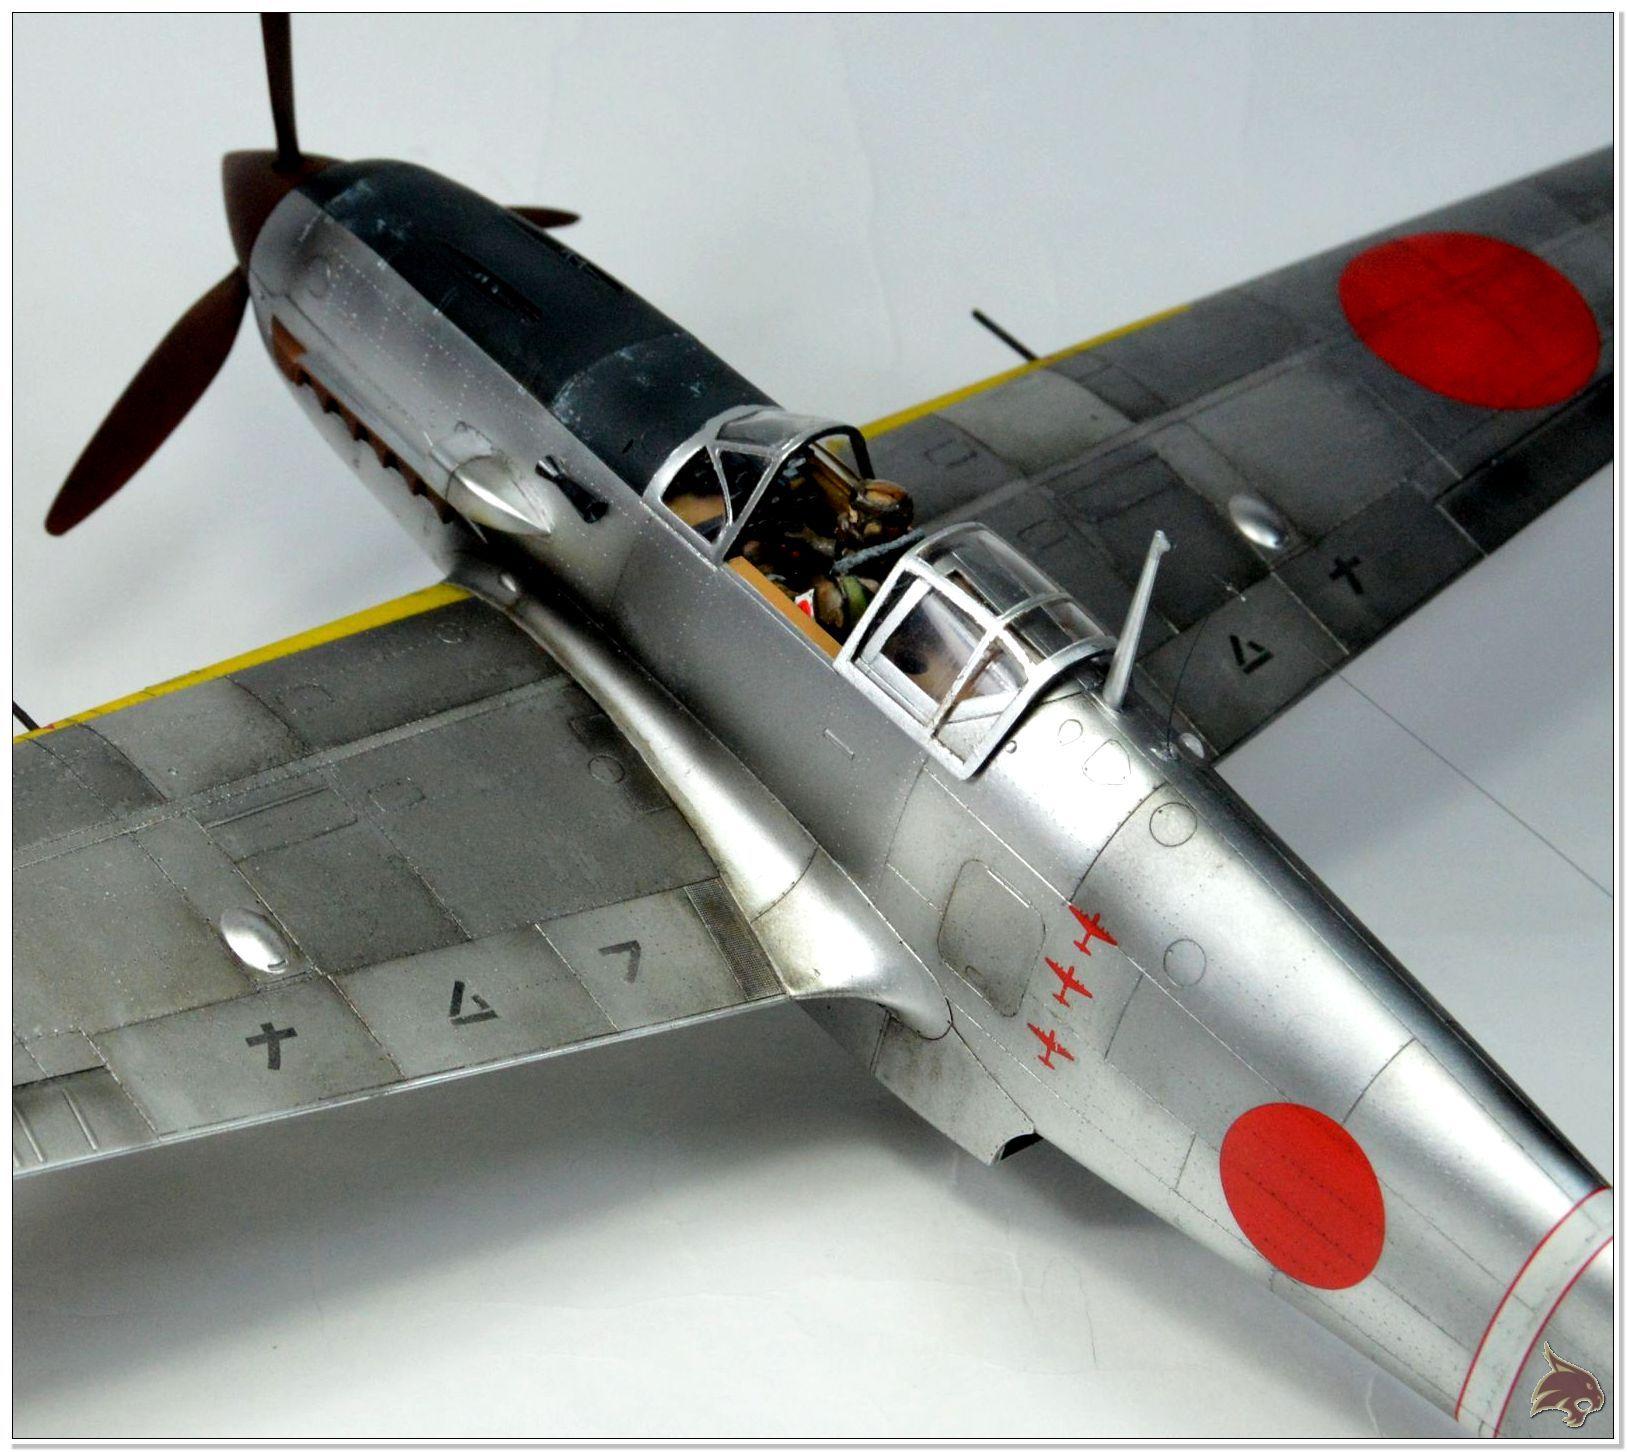 Kawasaki Ki-61 Hien 1/32 - Hasegawa By Lince1491